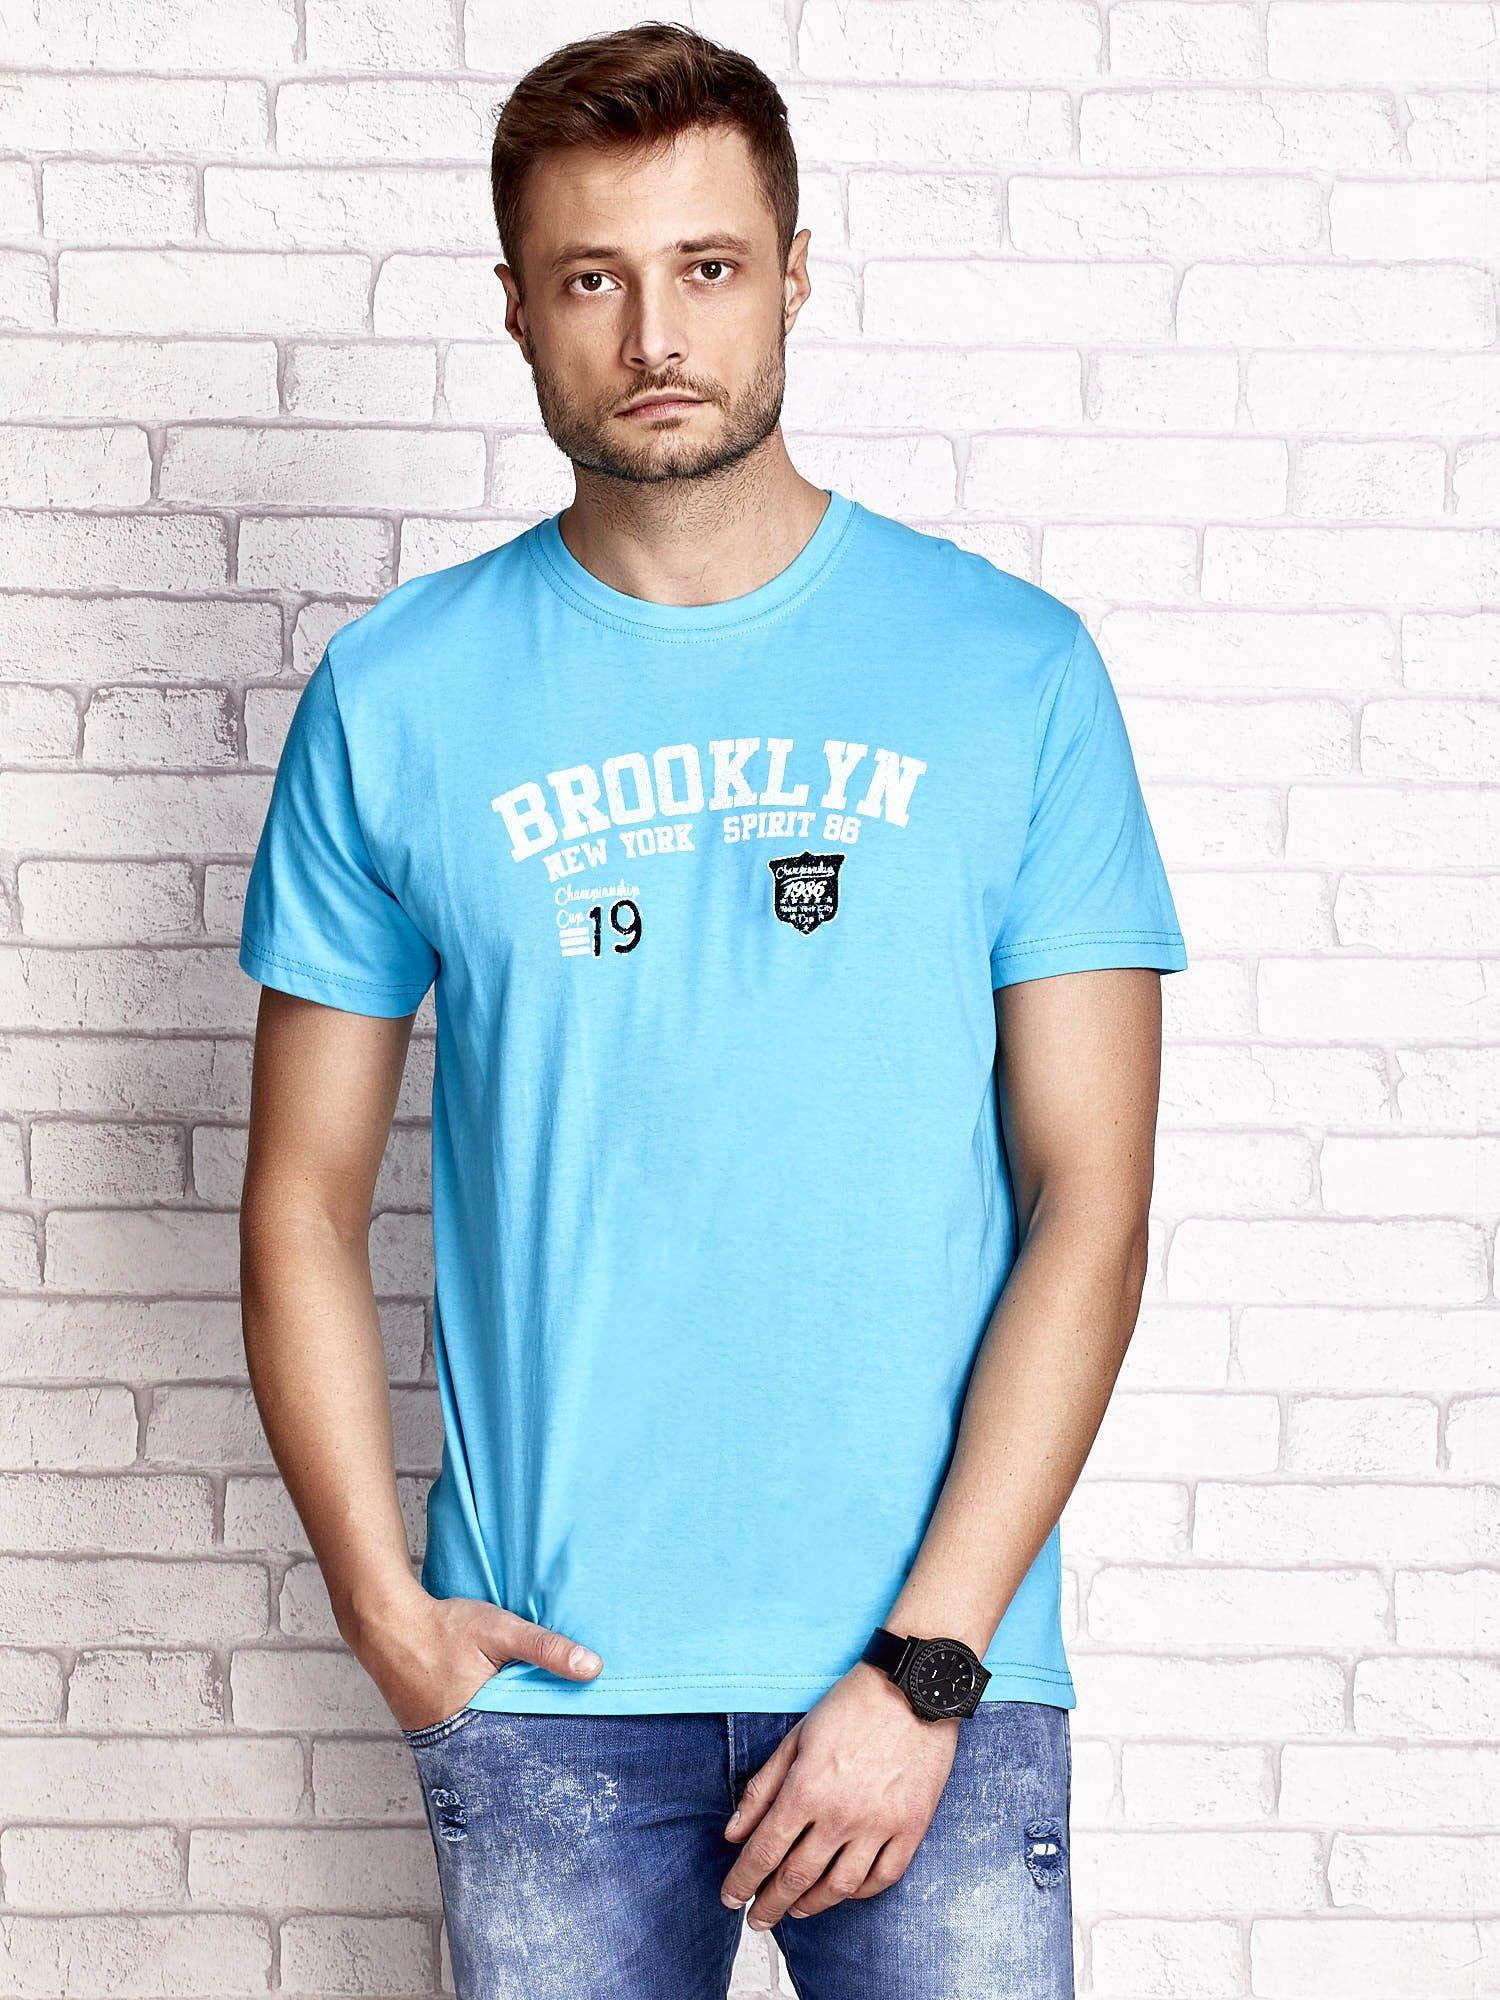 Niebieski t-shirt męski z napisami BROOKLYN NEW YORK SPIRIT 86                                  zdj.                                  1